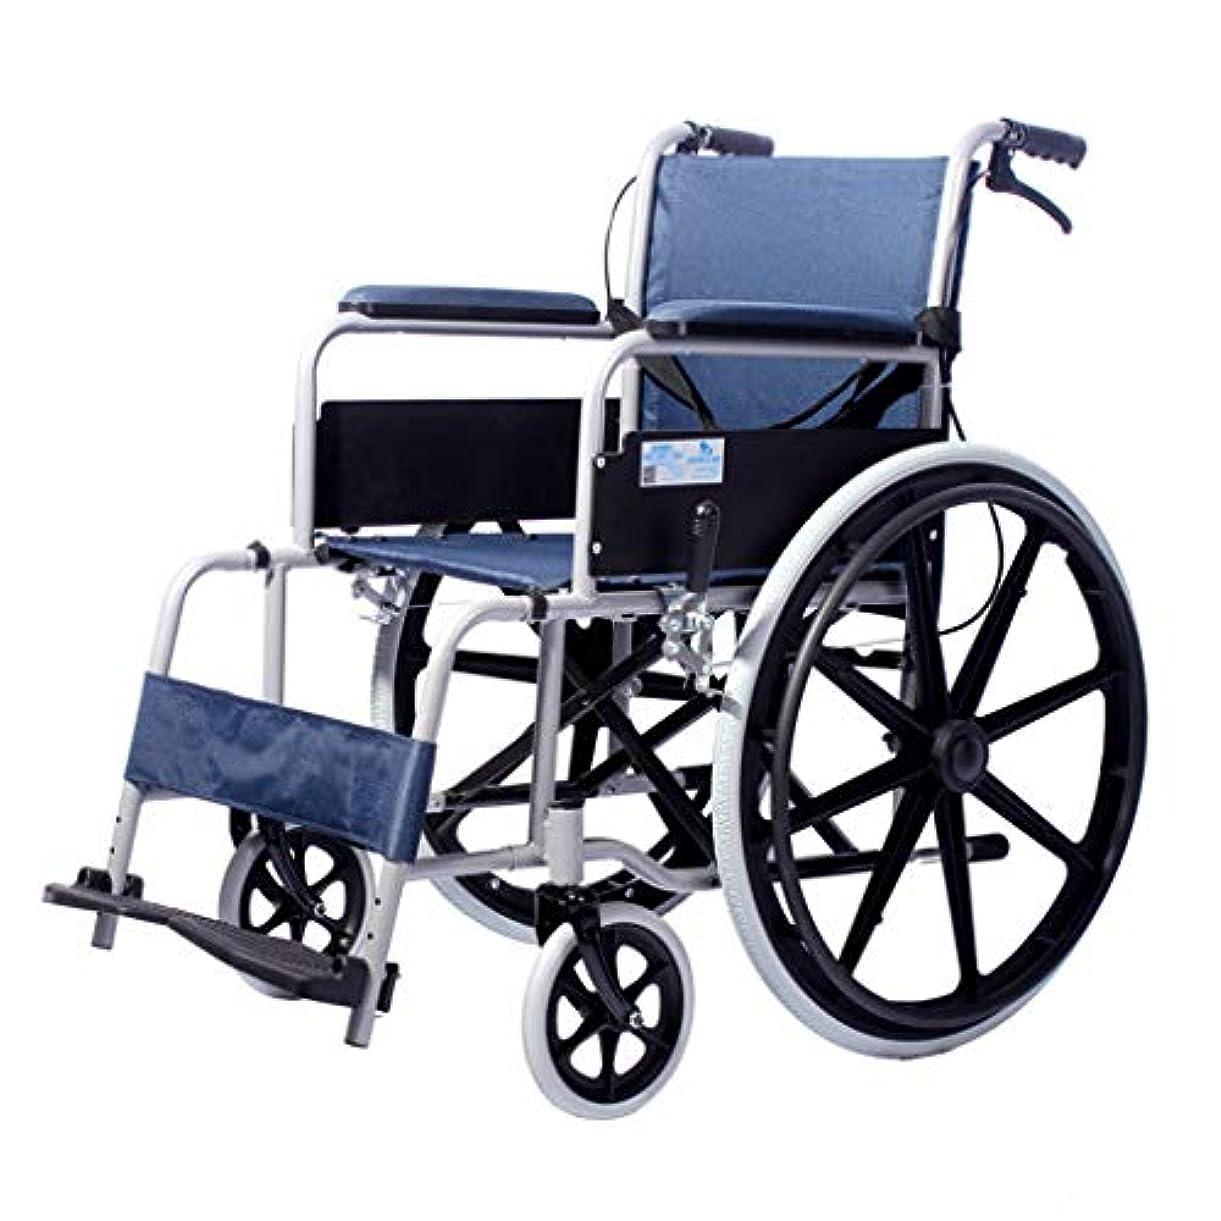 概要デコレーションサーカス高齢者用車椅子折りたたみ式手すり、高齢者用調整可能ペダル、四輪ブレーキ機能